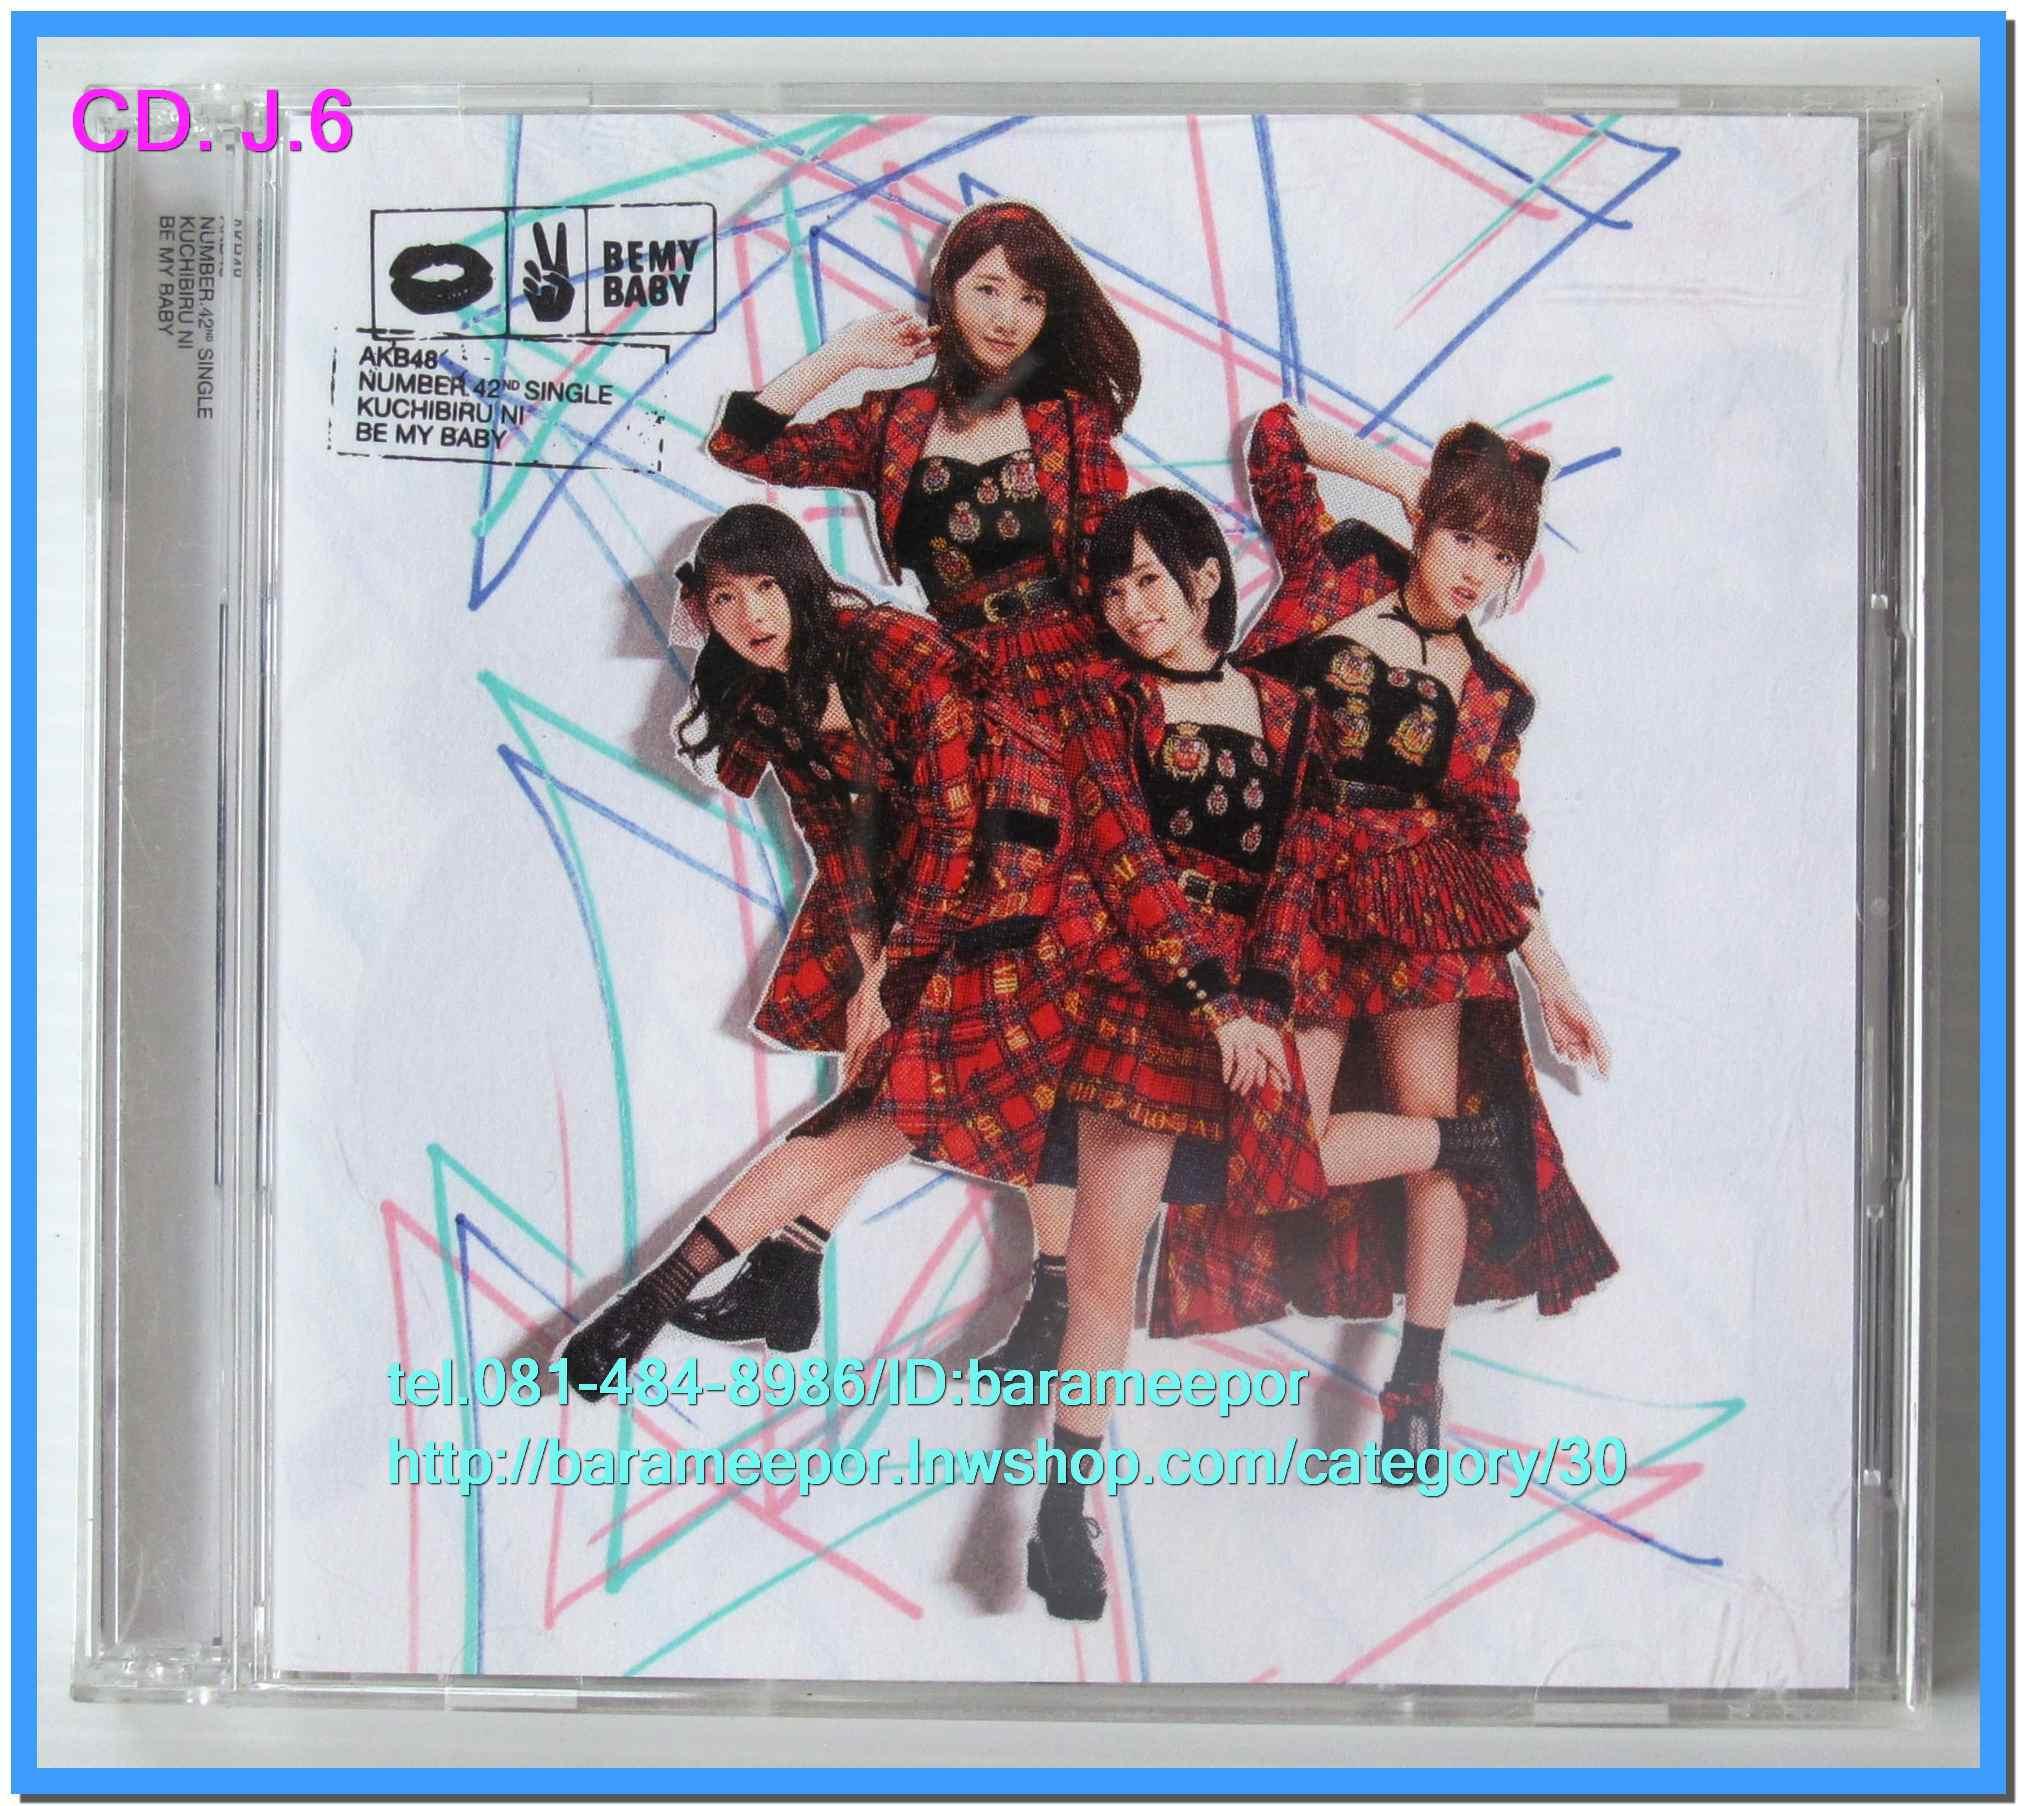 ซีดี.เพลงญี่ปุ่น #AKB48 BEMY BABY CD + DVD